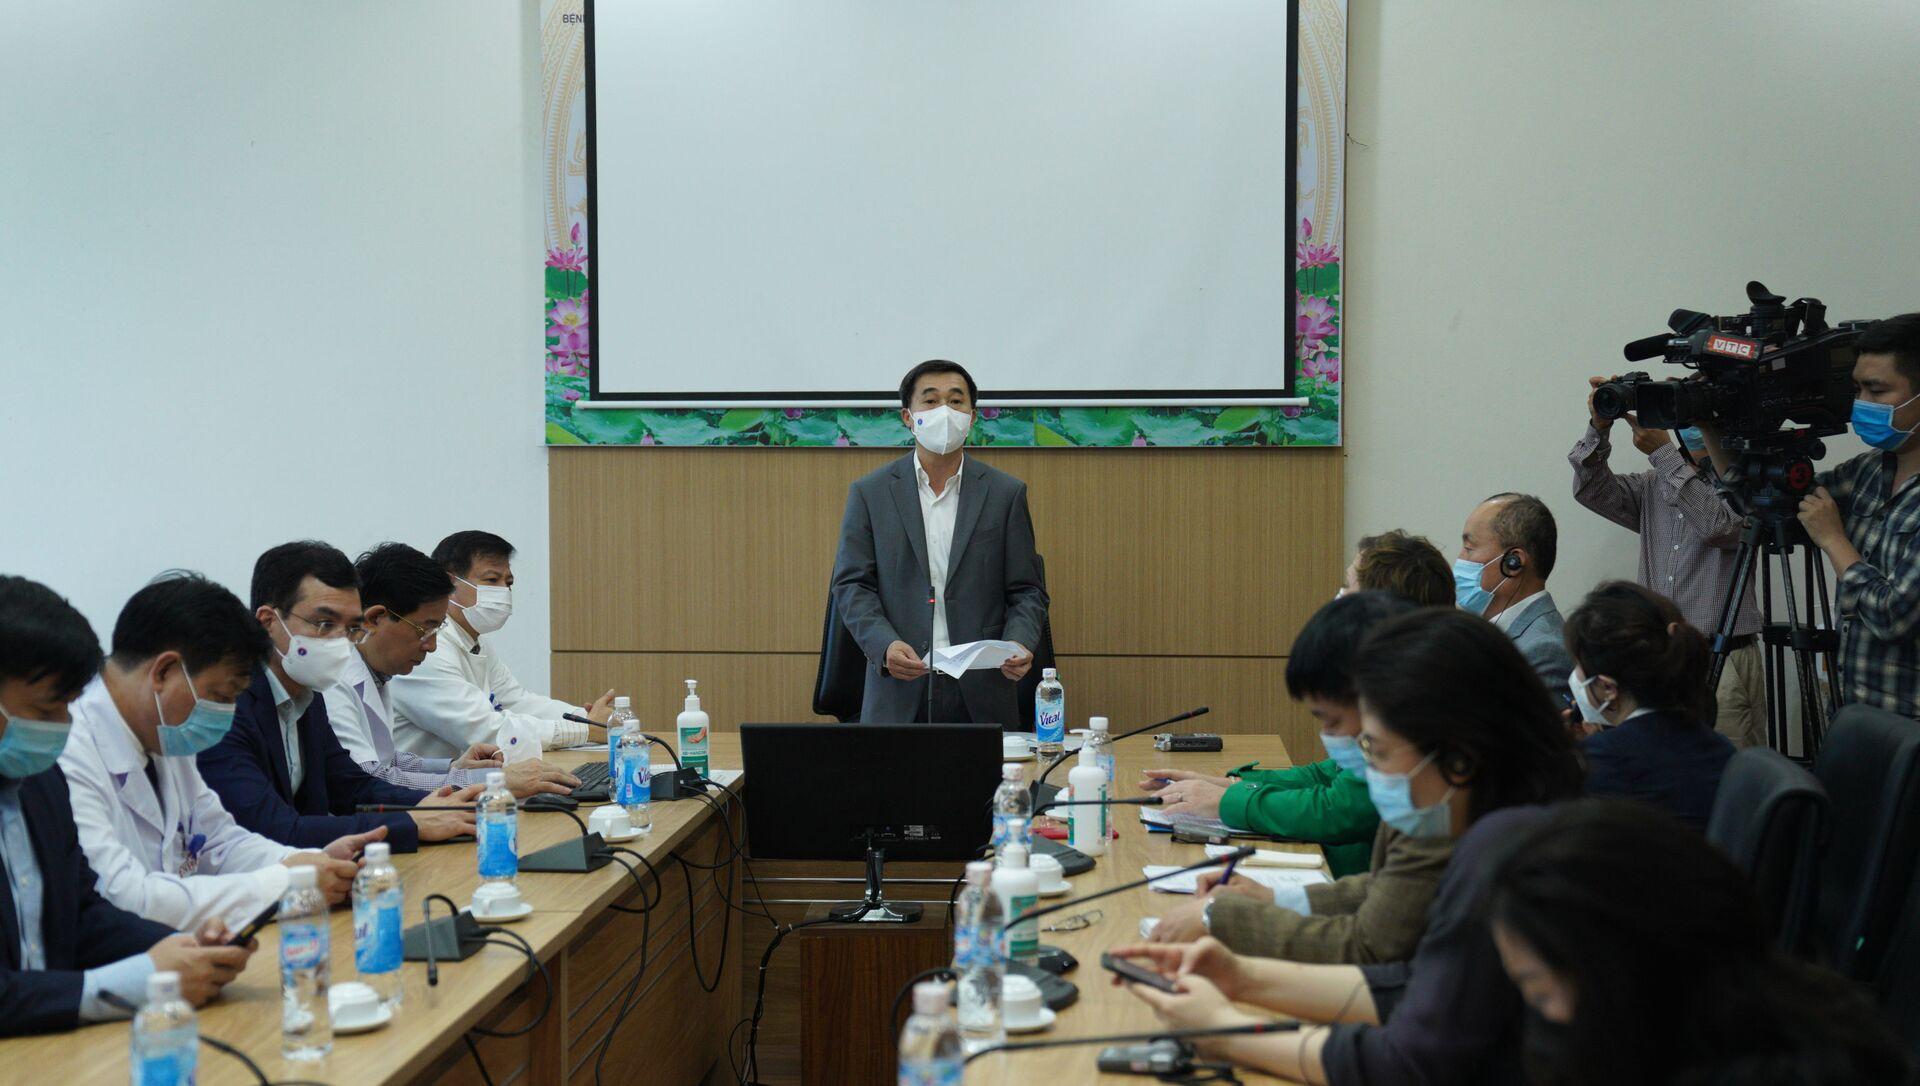 Thứ trưởng Bộ Y tế có buổi làm việc về vaccine - Sputnik Việt Nam, 1920, 08.03.2021